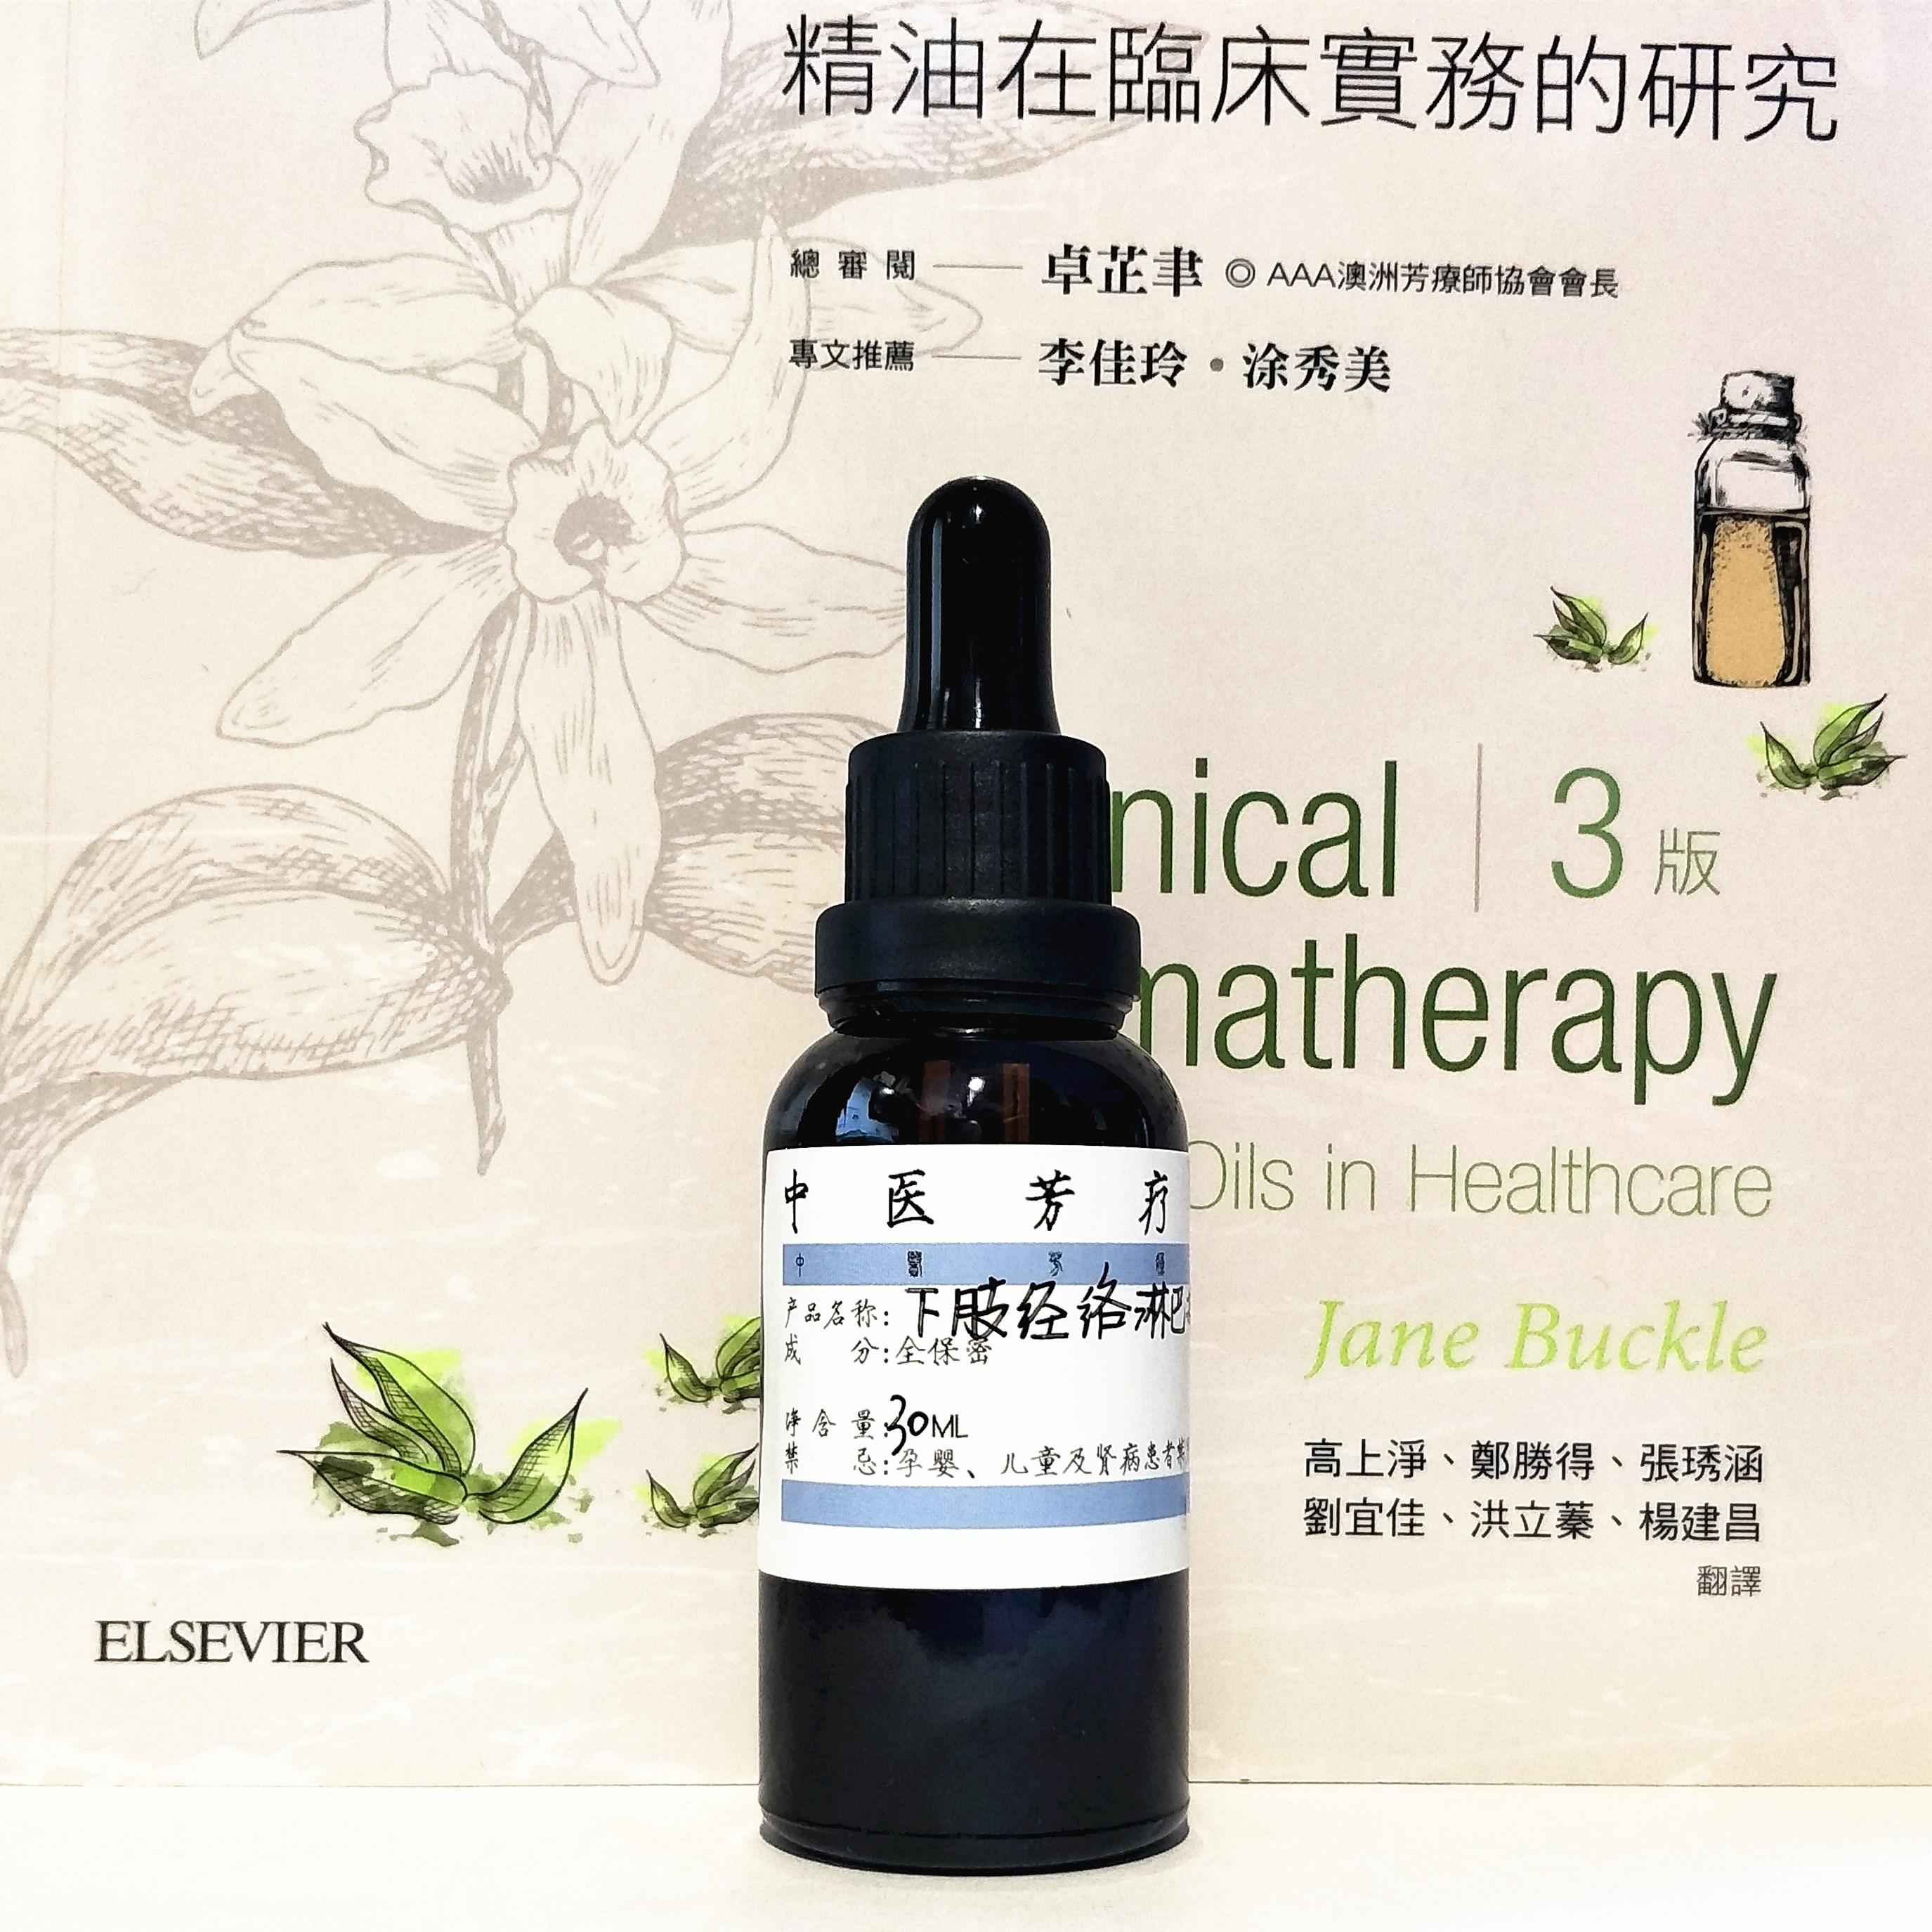 Chi dưới, chảy máu bạch huyết kinh tuyến, DU dầu, y học Trung Quốc, hương liệu, Zhuge Fusha tinh dầu, 30 ML body massage dầu